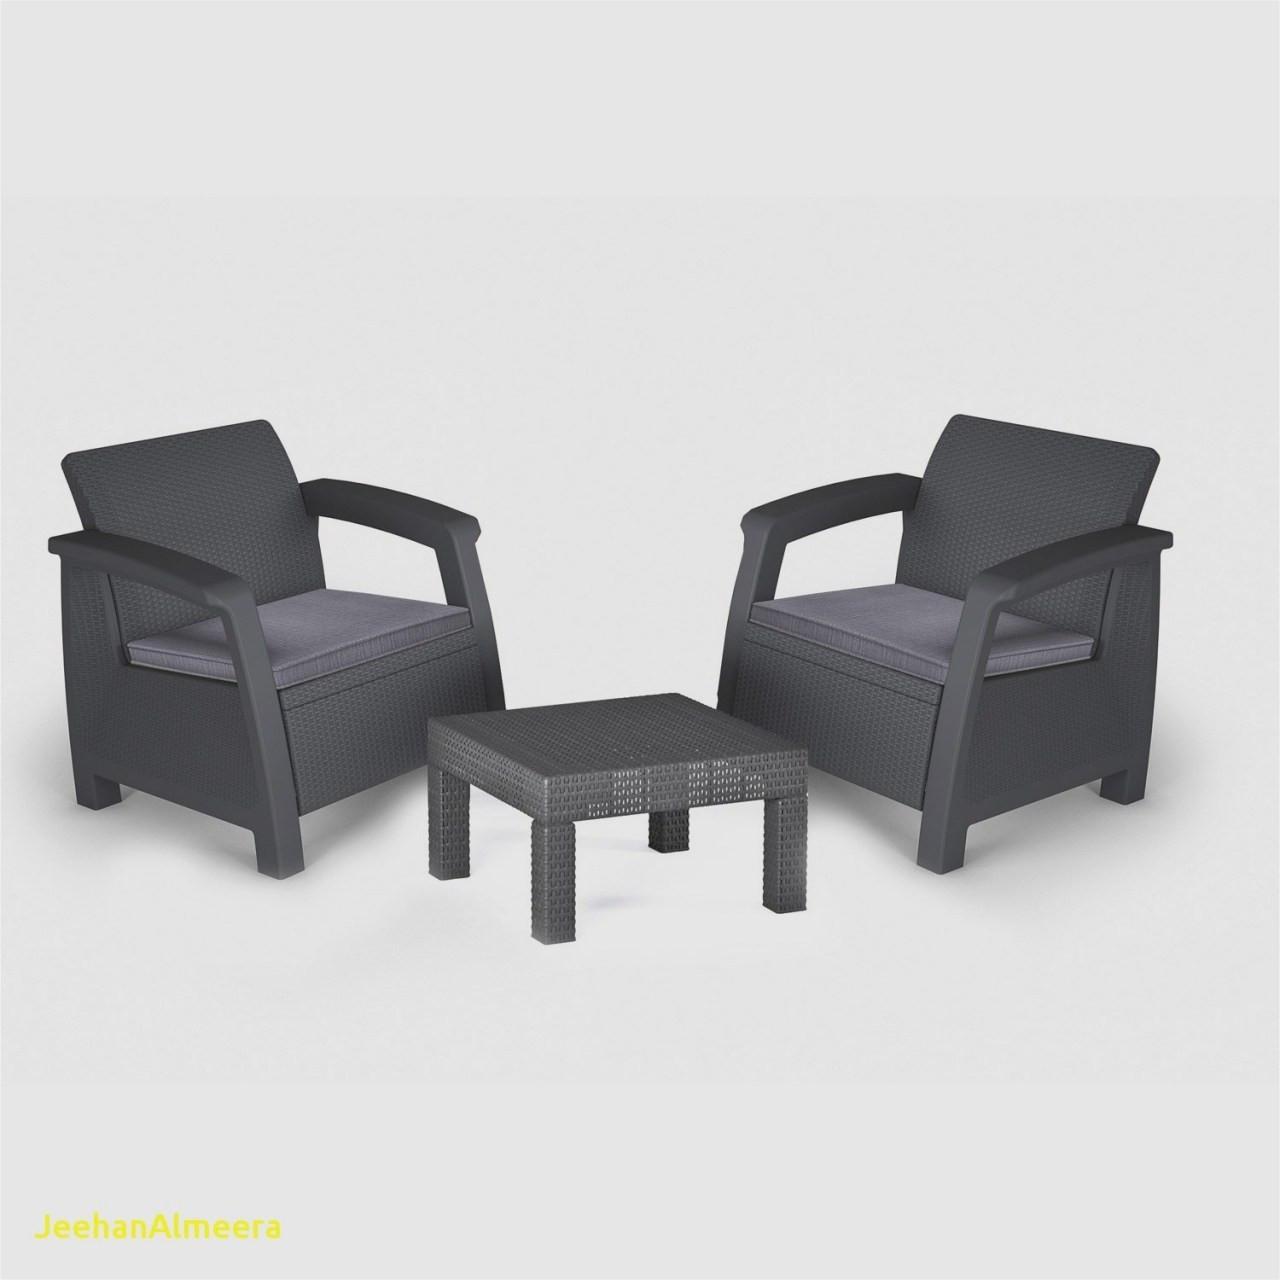 meubles de jardin hesperides salon hesperide solde of meubles de jardin hesperides